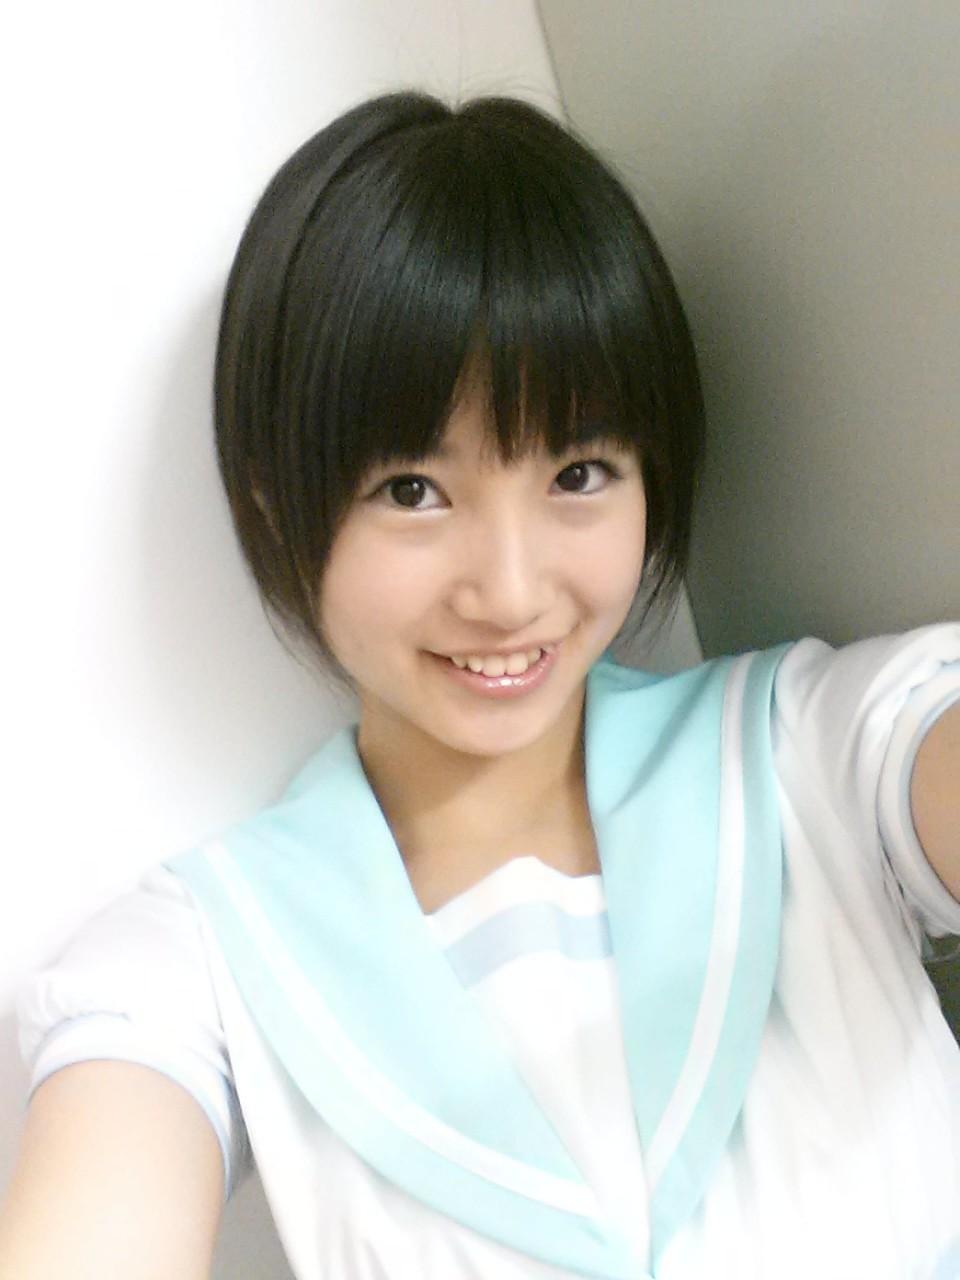 HKT48の妹キャラ!笑顔が眩しい朝長美桜の水着画像を集めました!のサムネイル画像